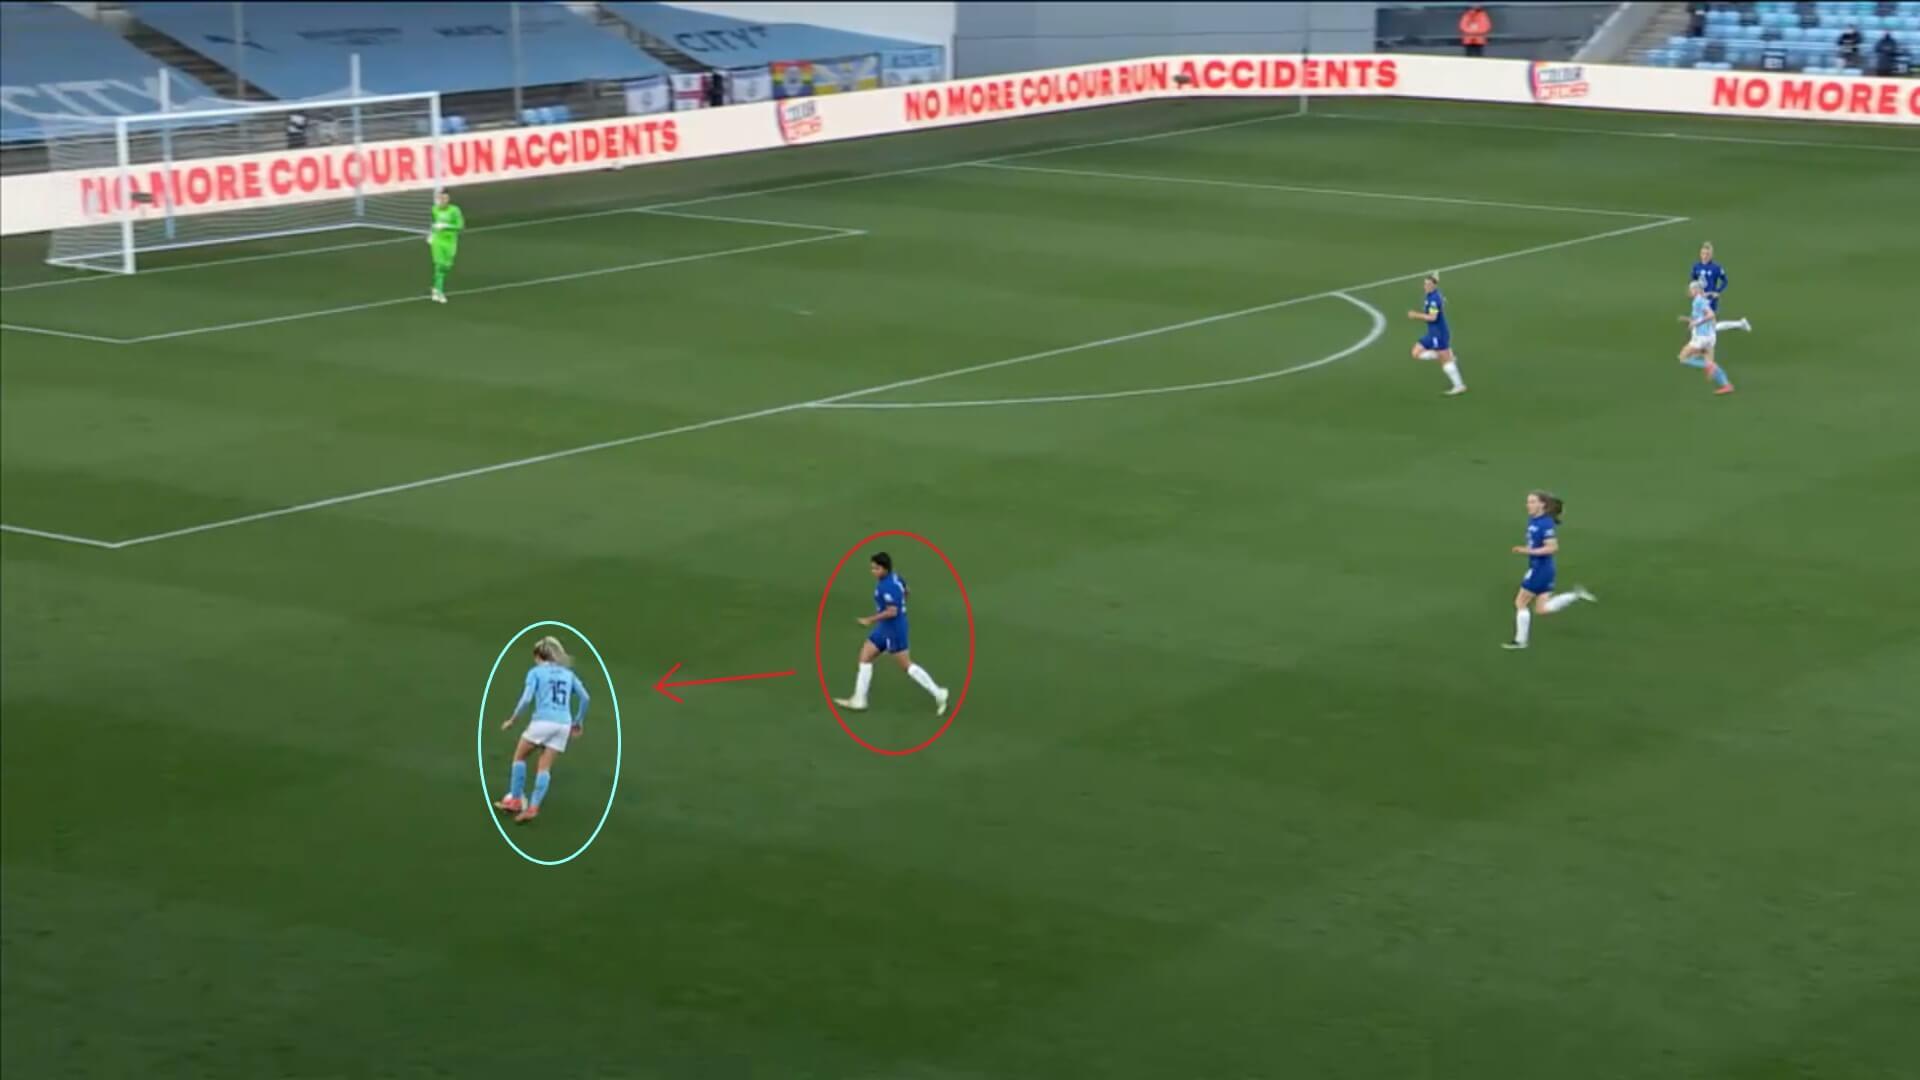 FAWSL 2020/2021: Manchester City Women v Chelsea Women - tactical analysis tactics